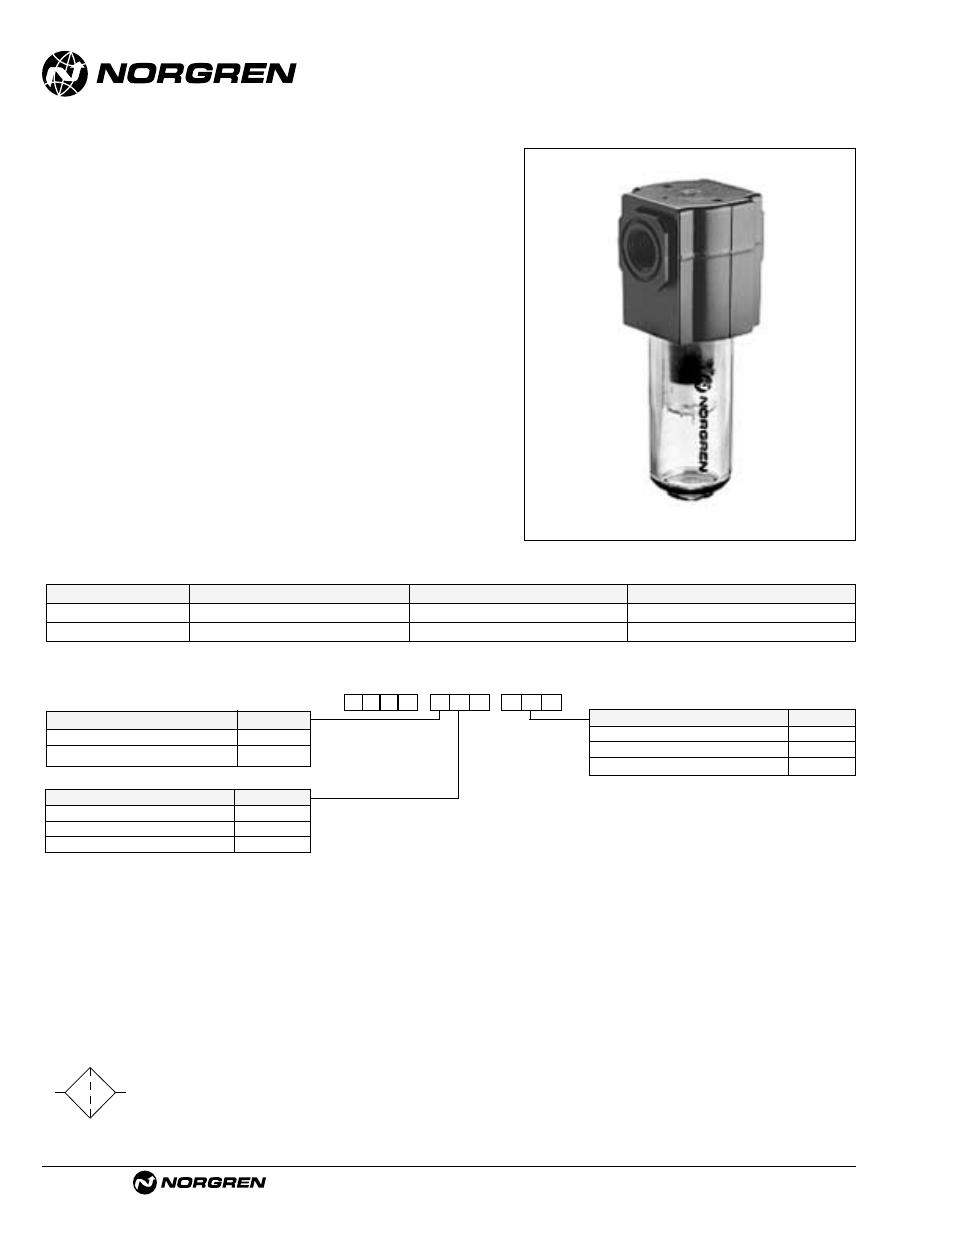 F72v excelon oil vapor removal filter, F72v | Norgren Filter Contents User  Manual | Page